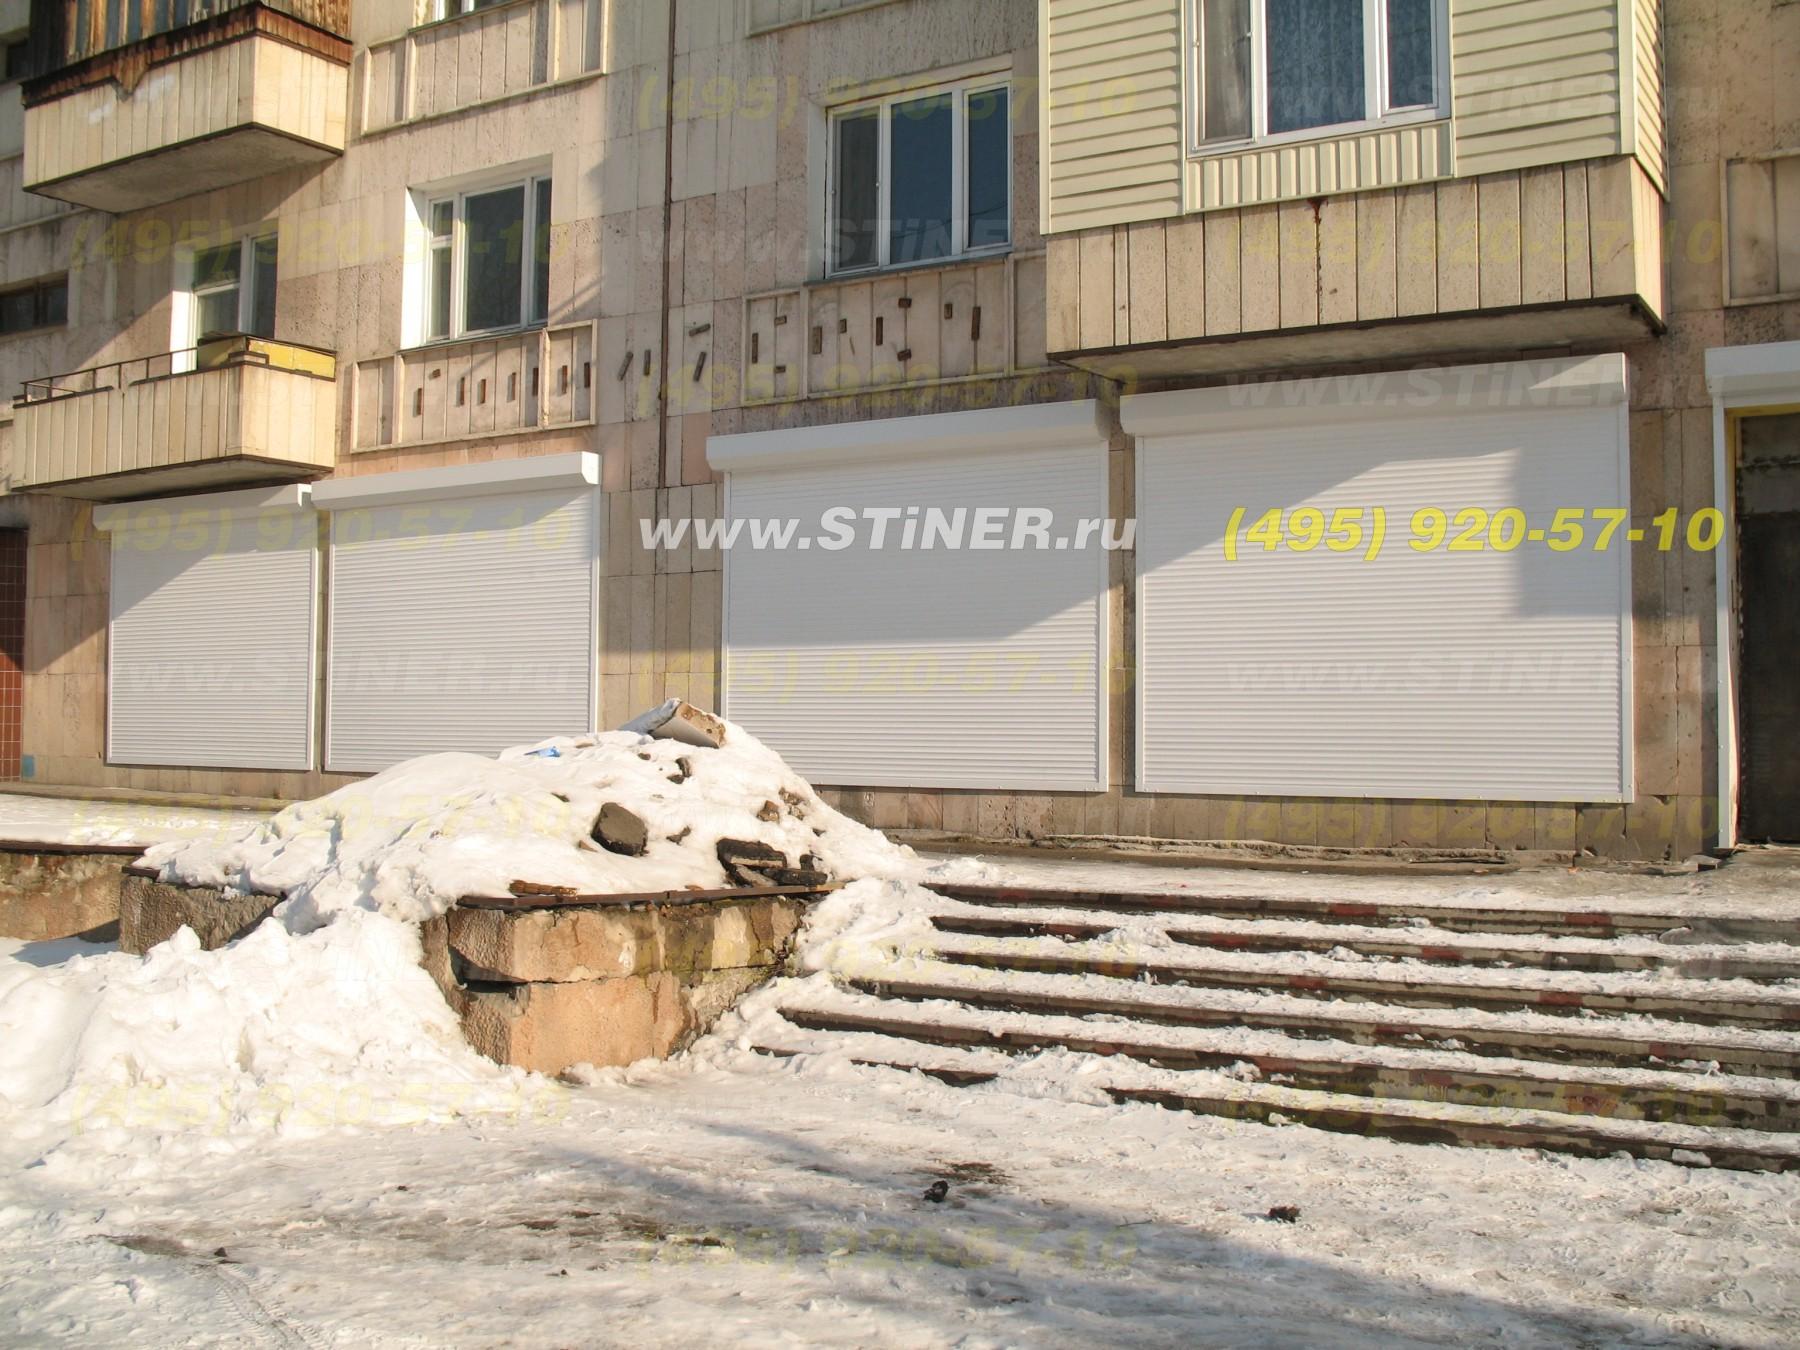 Усиленные рольставни для защиты окон и дверей частных офисов в Москве и области